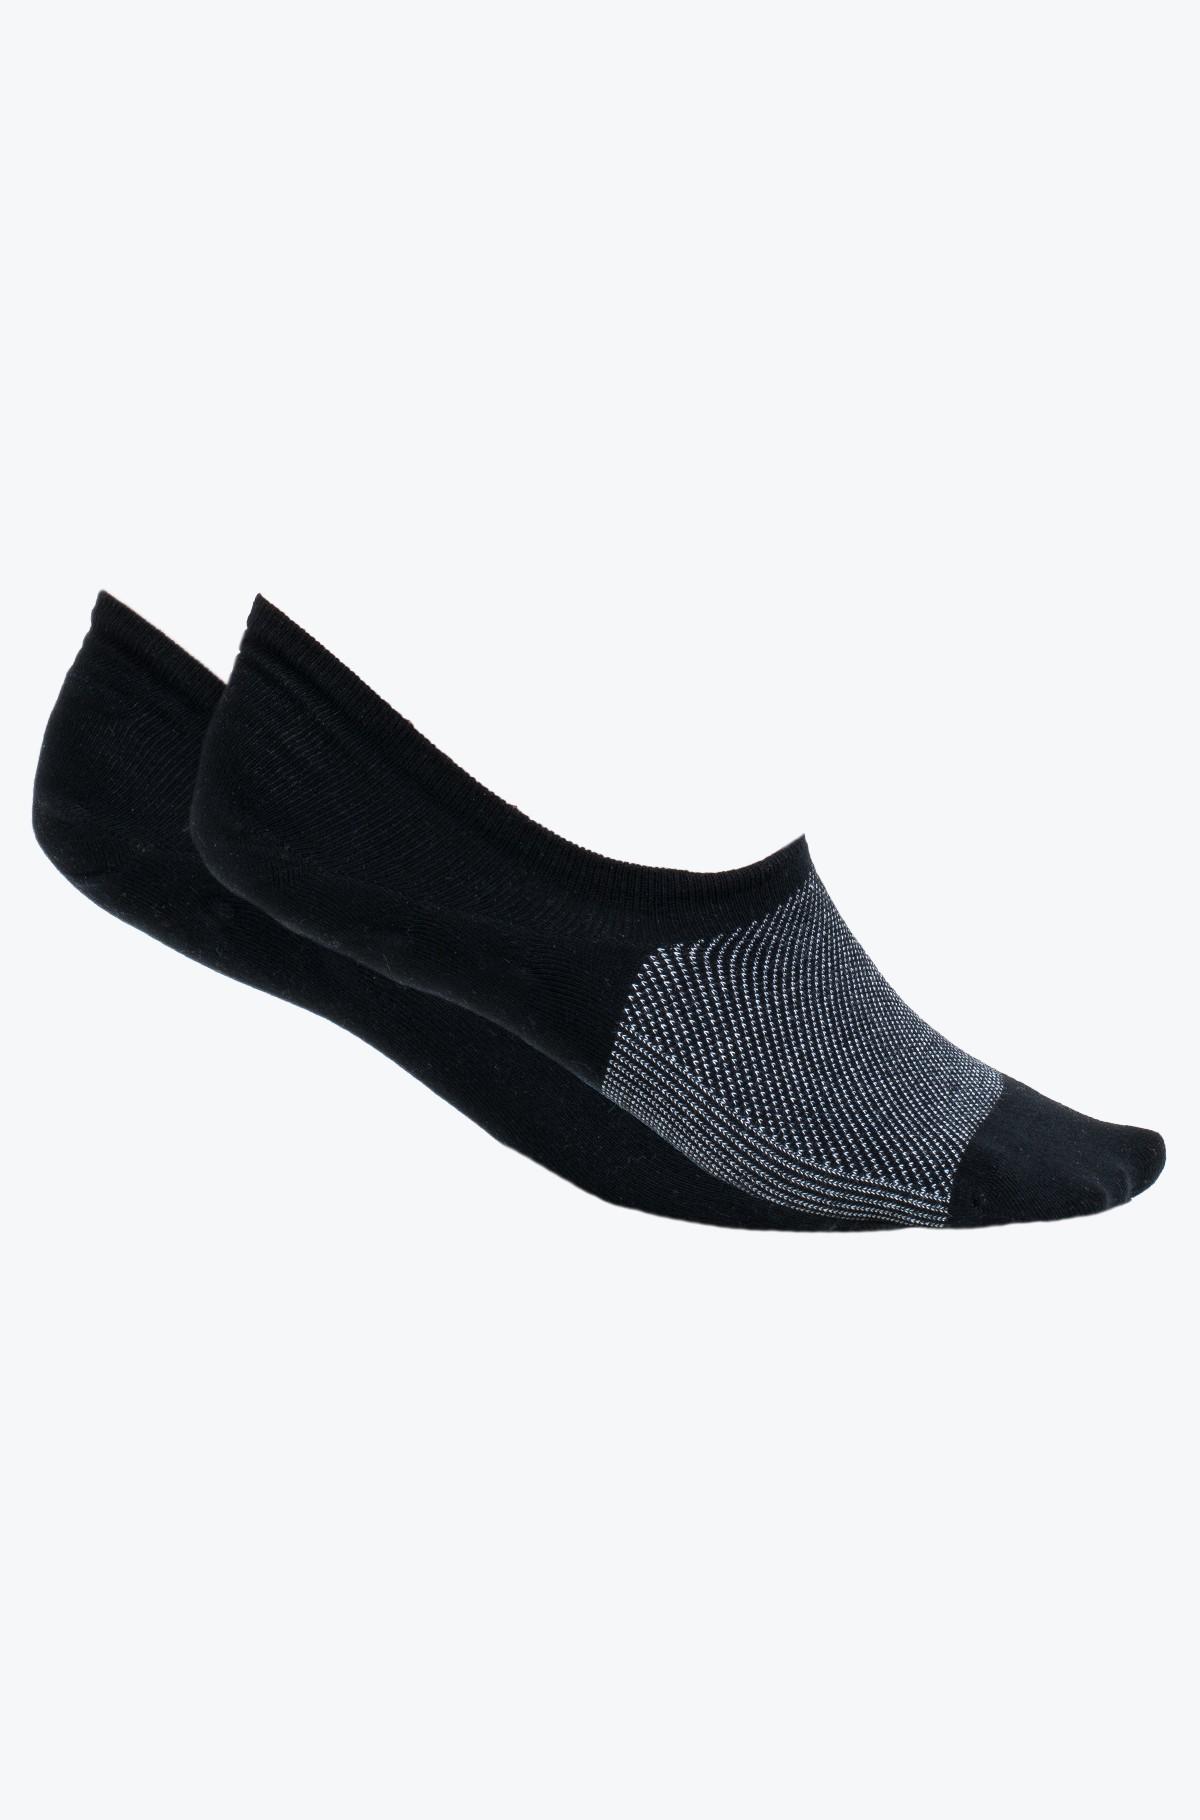 Socks 320224001-full-1